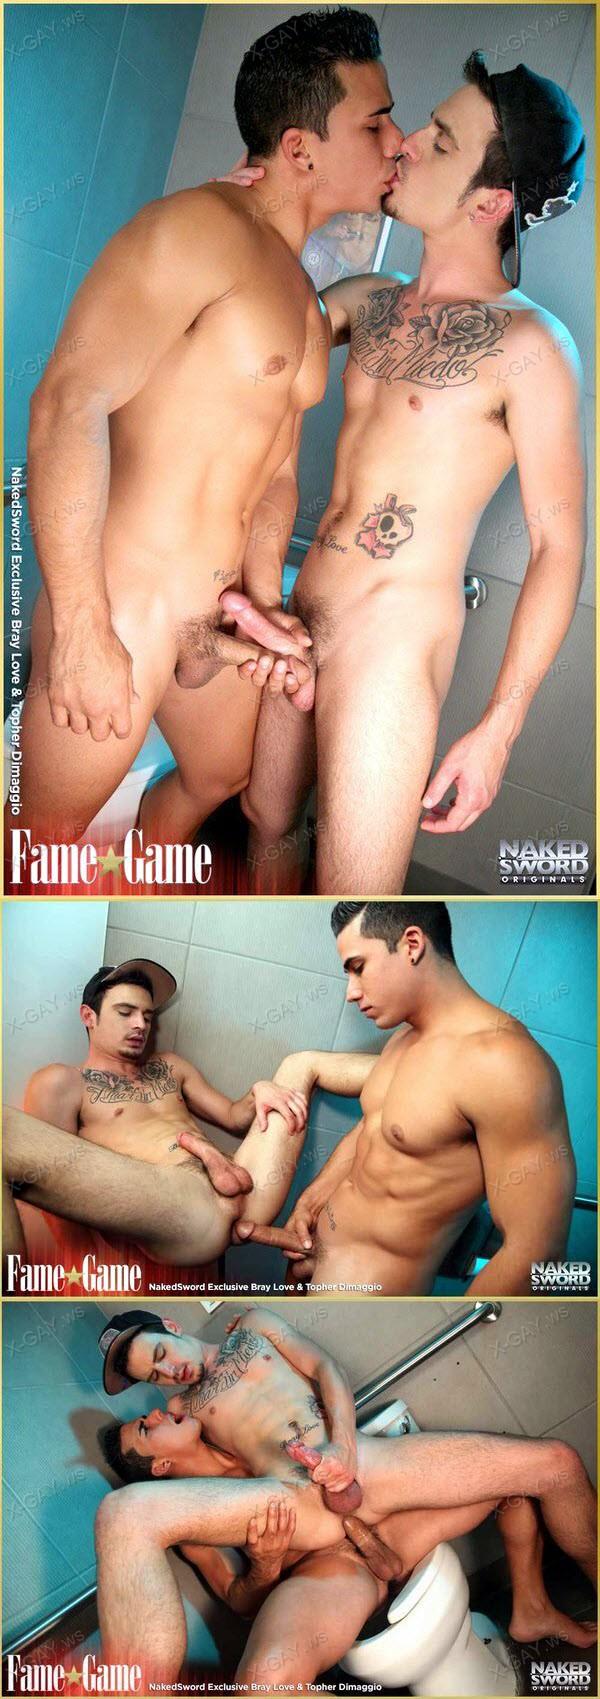 NakedSword: Fame Game Episode 3: Selfie Sabotage (Bray Love, Topher Dimaggio)